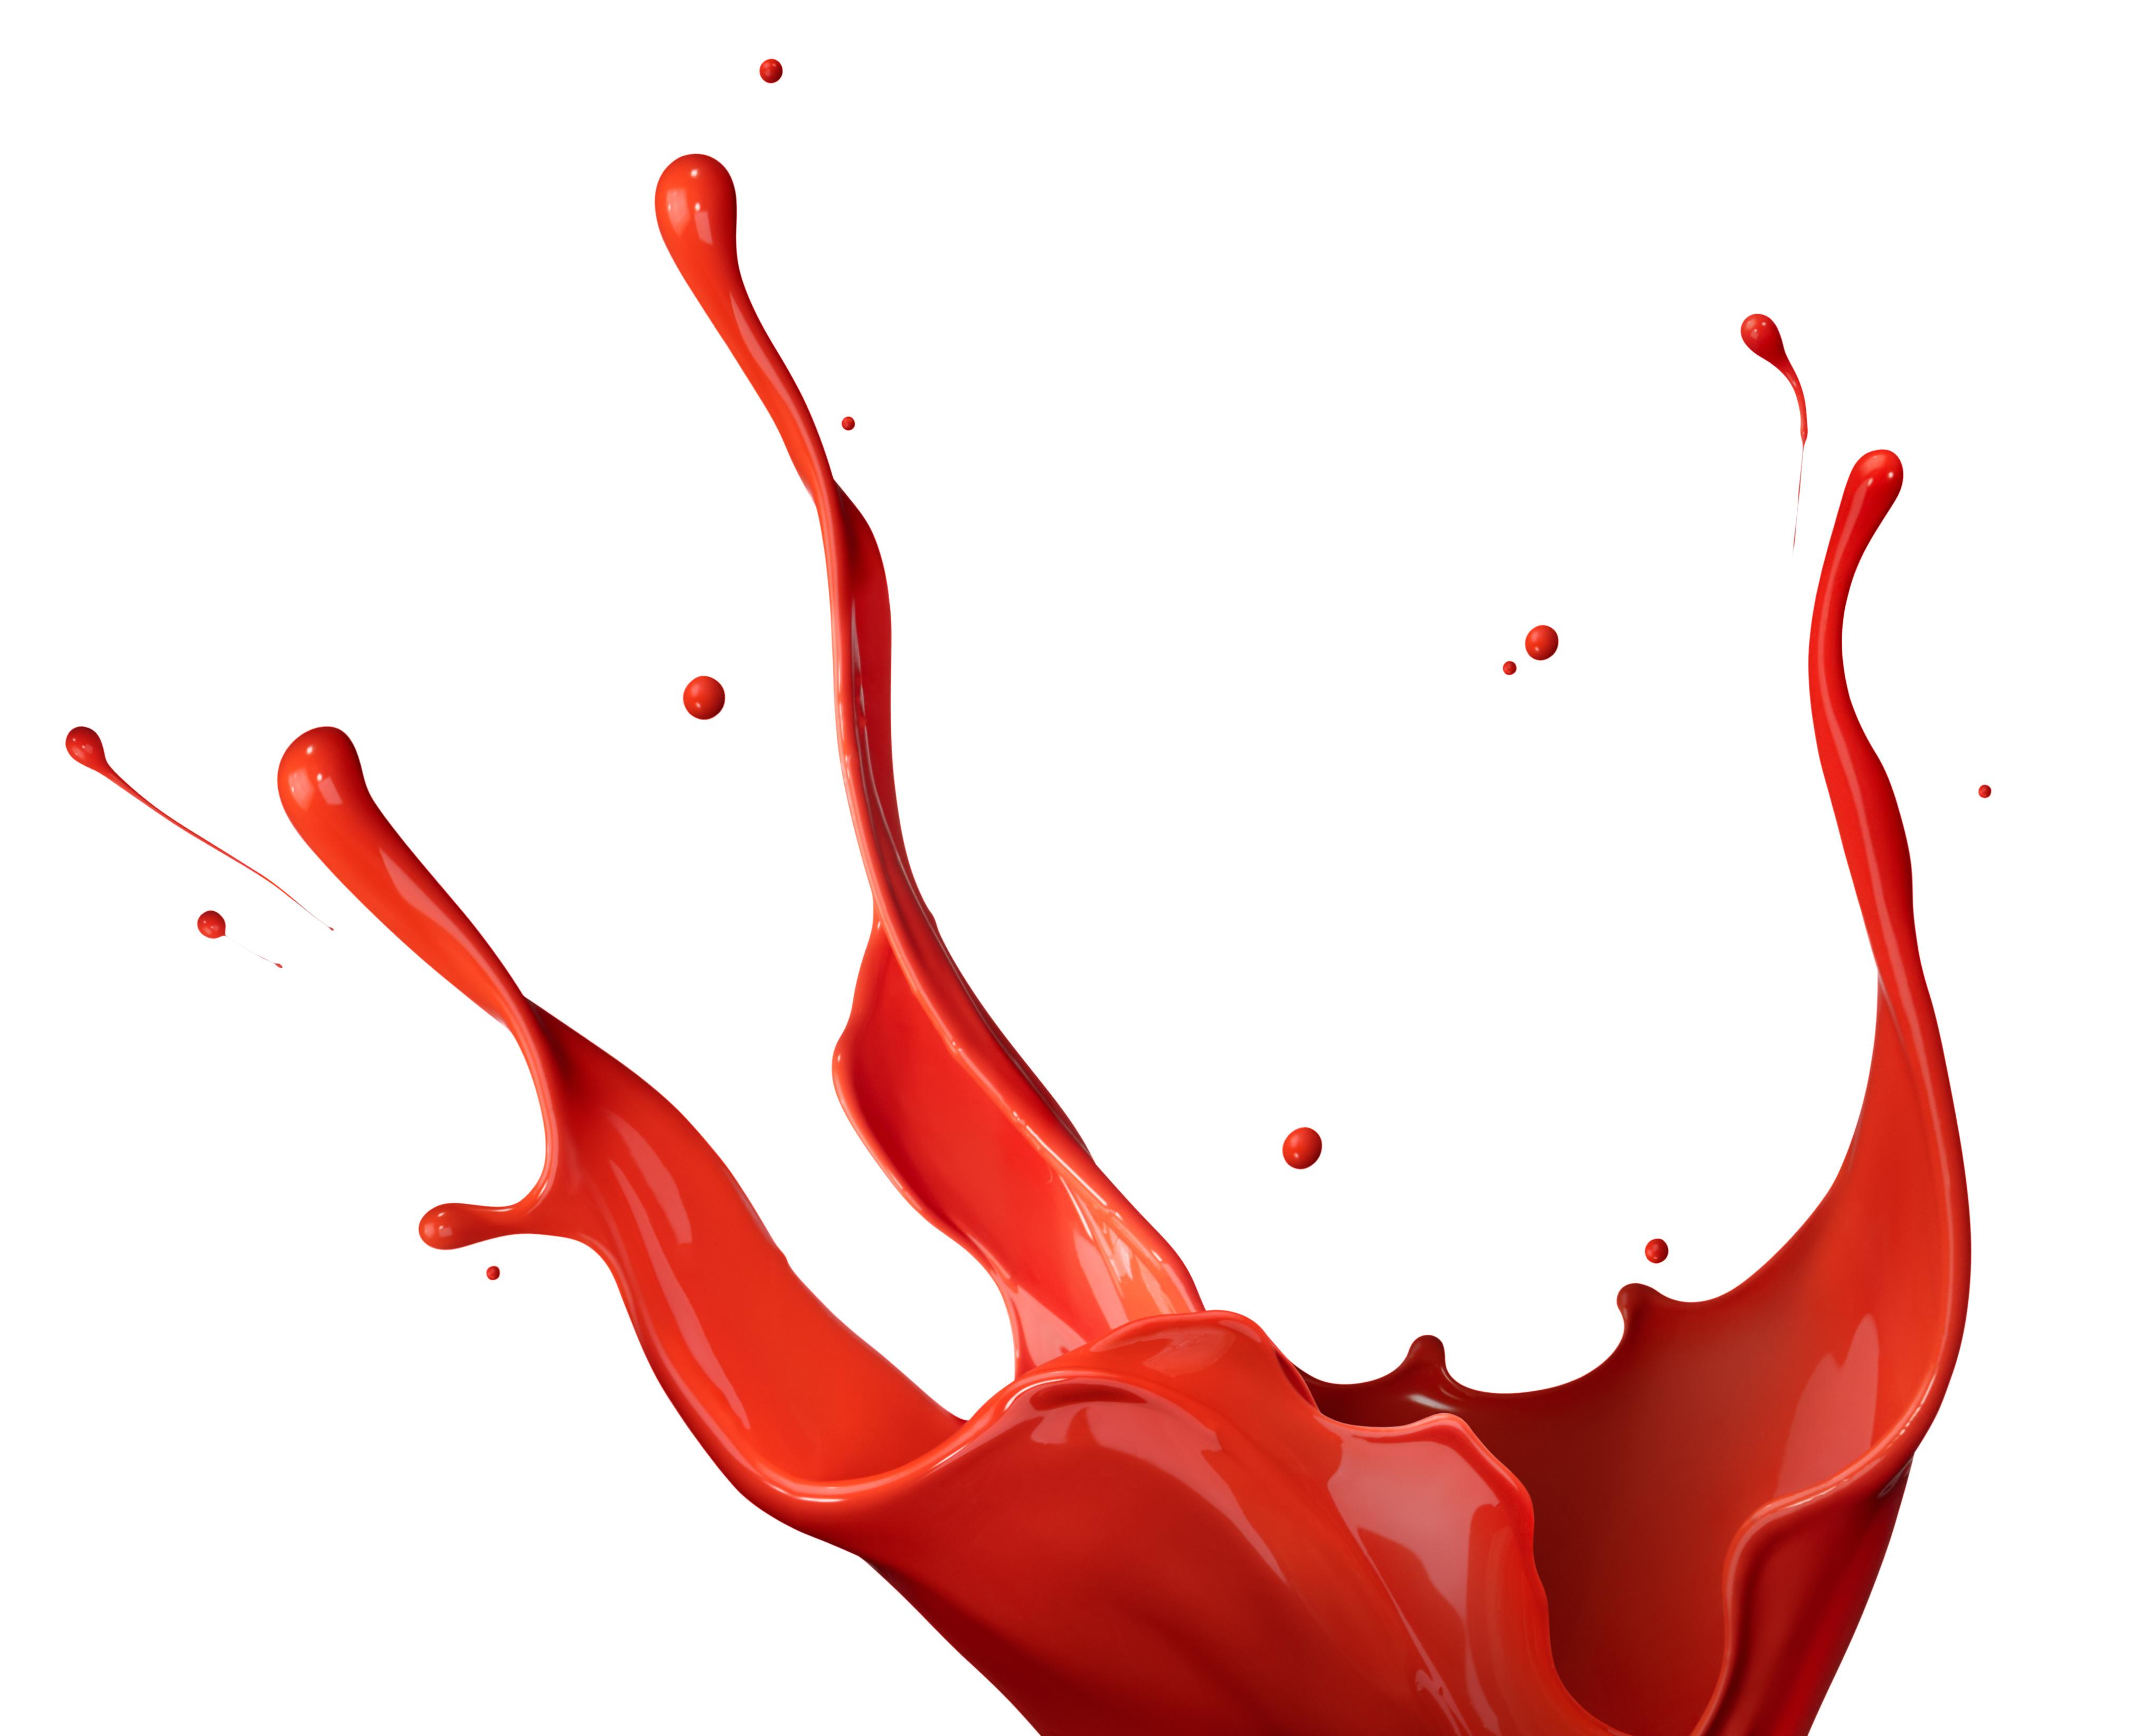 Paint Splash PNG by AbsurdWordPreferred